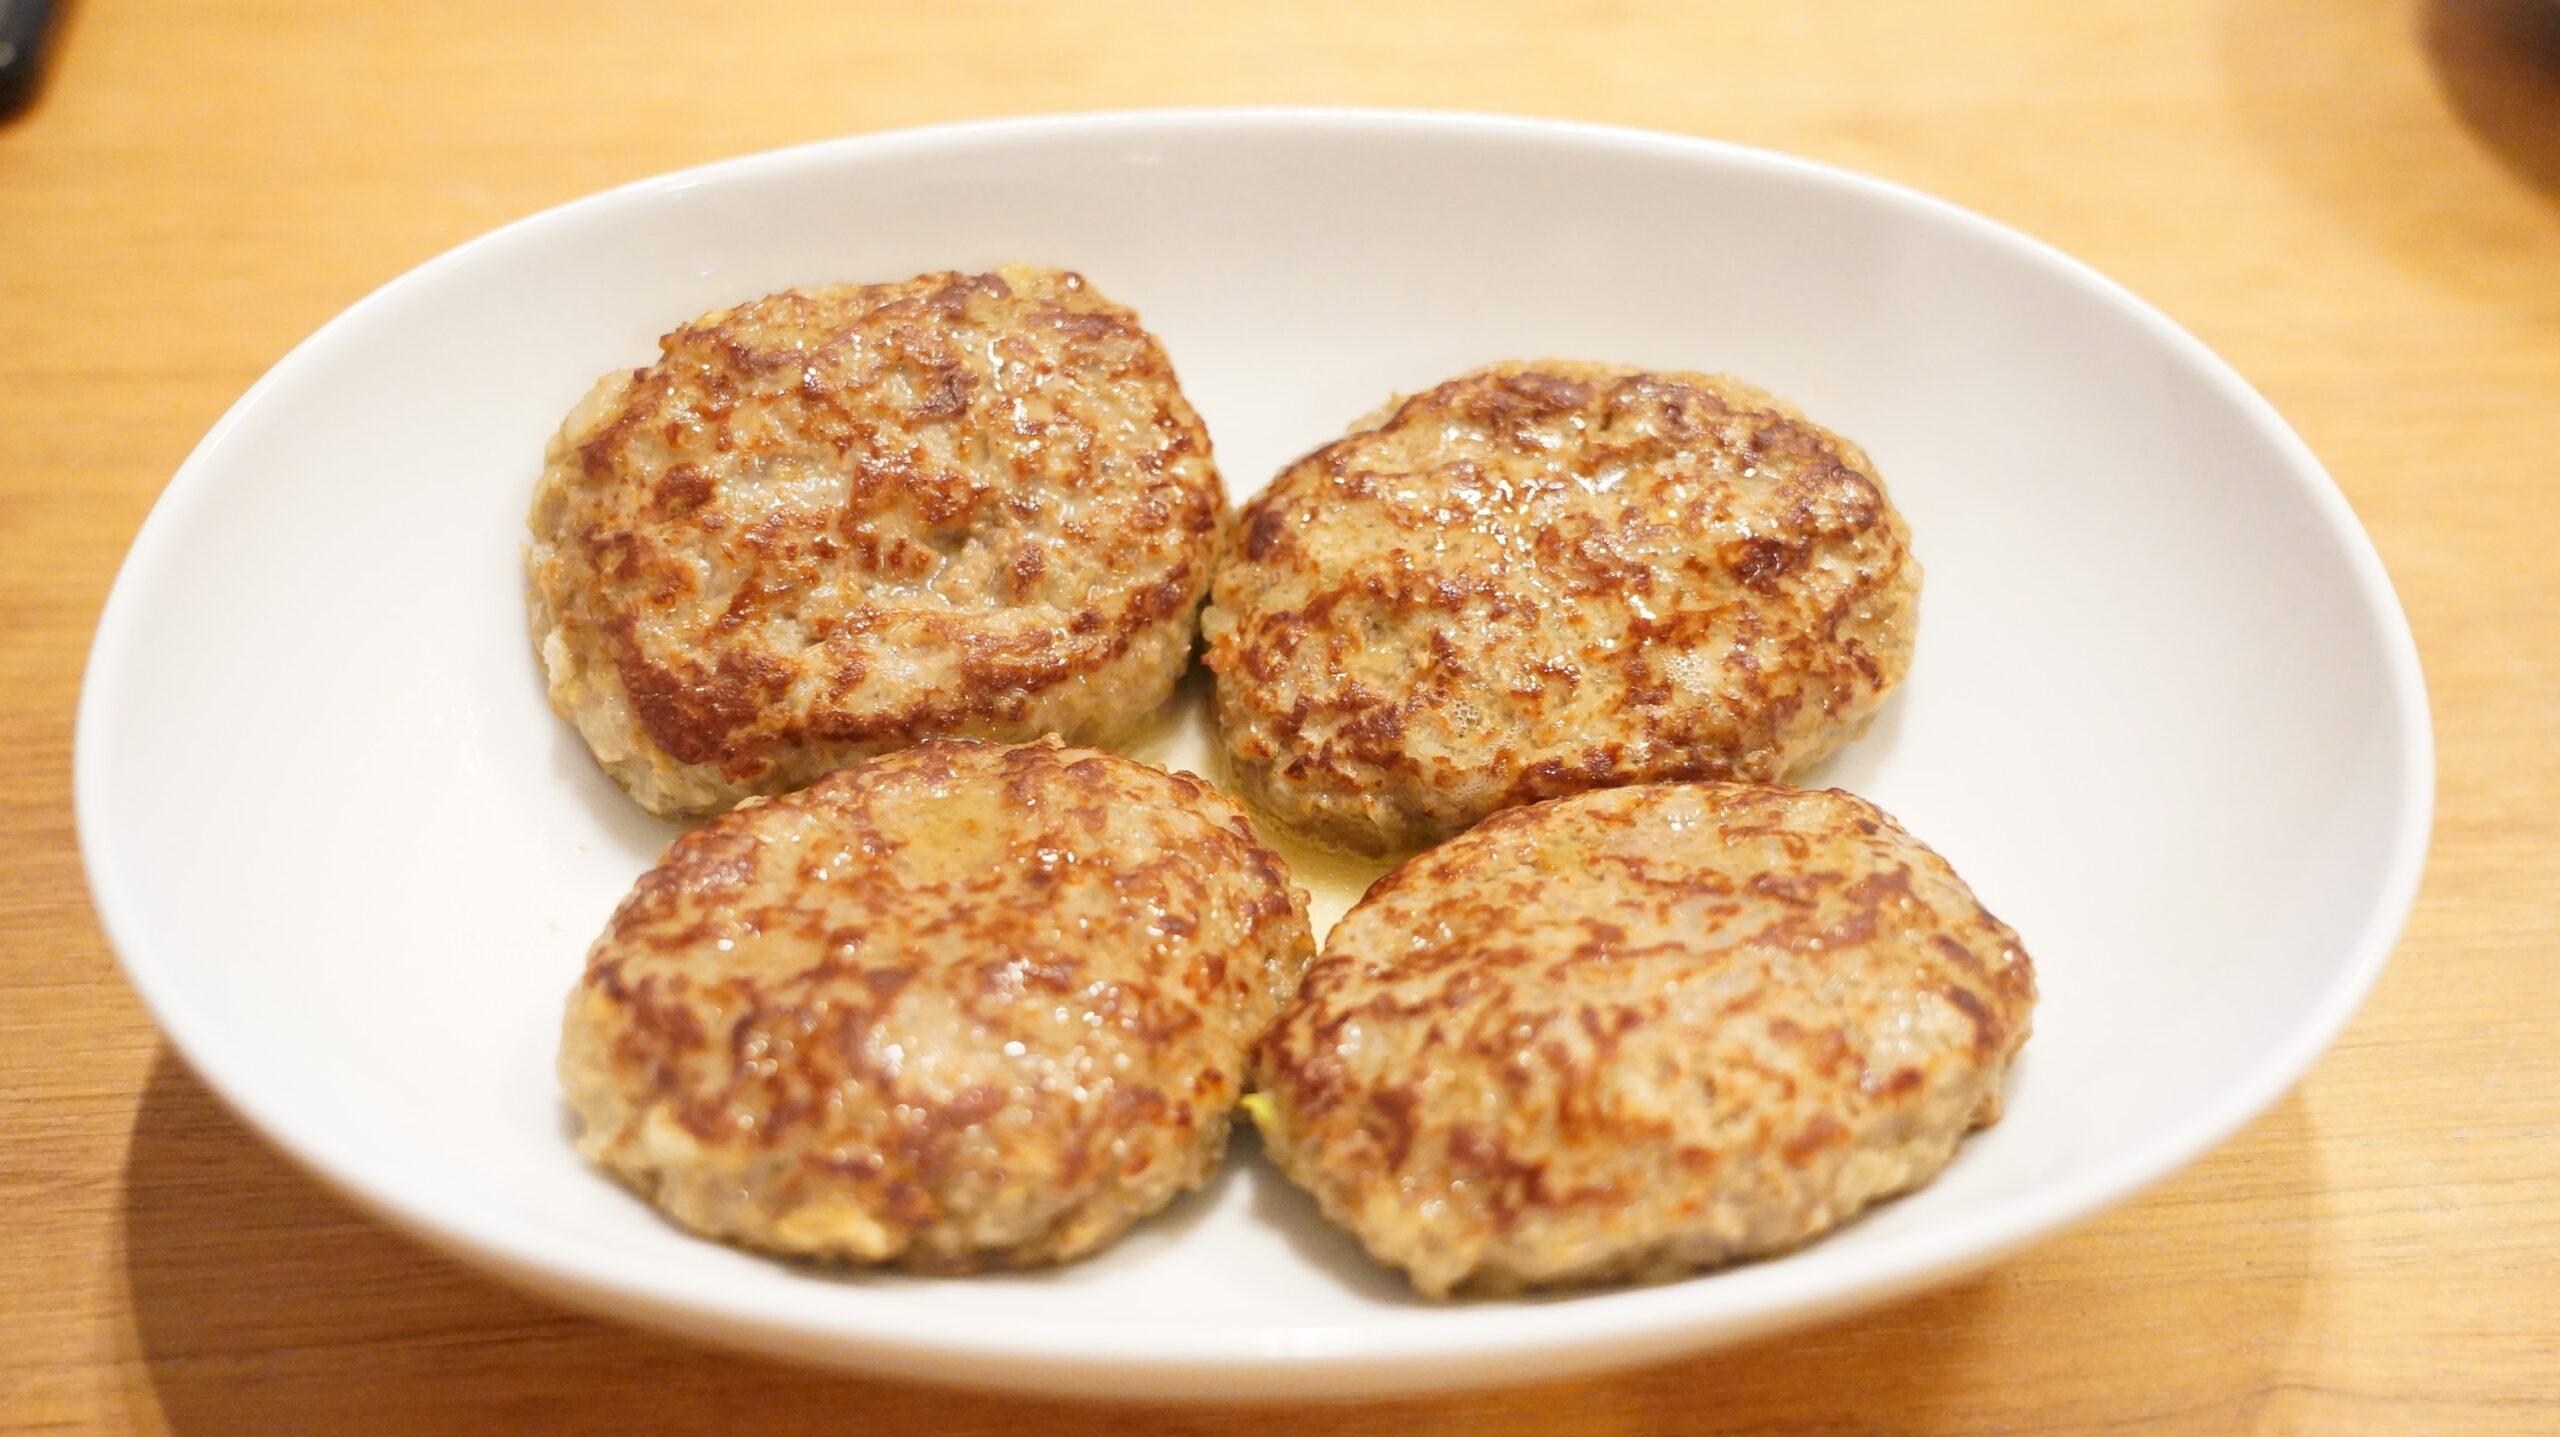 生協宅配の冷凍食品「肉汁じゅわっとハンバーグ」の加熱後の状態